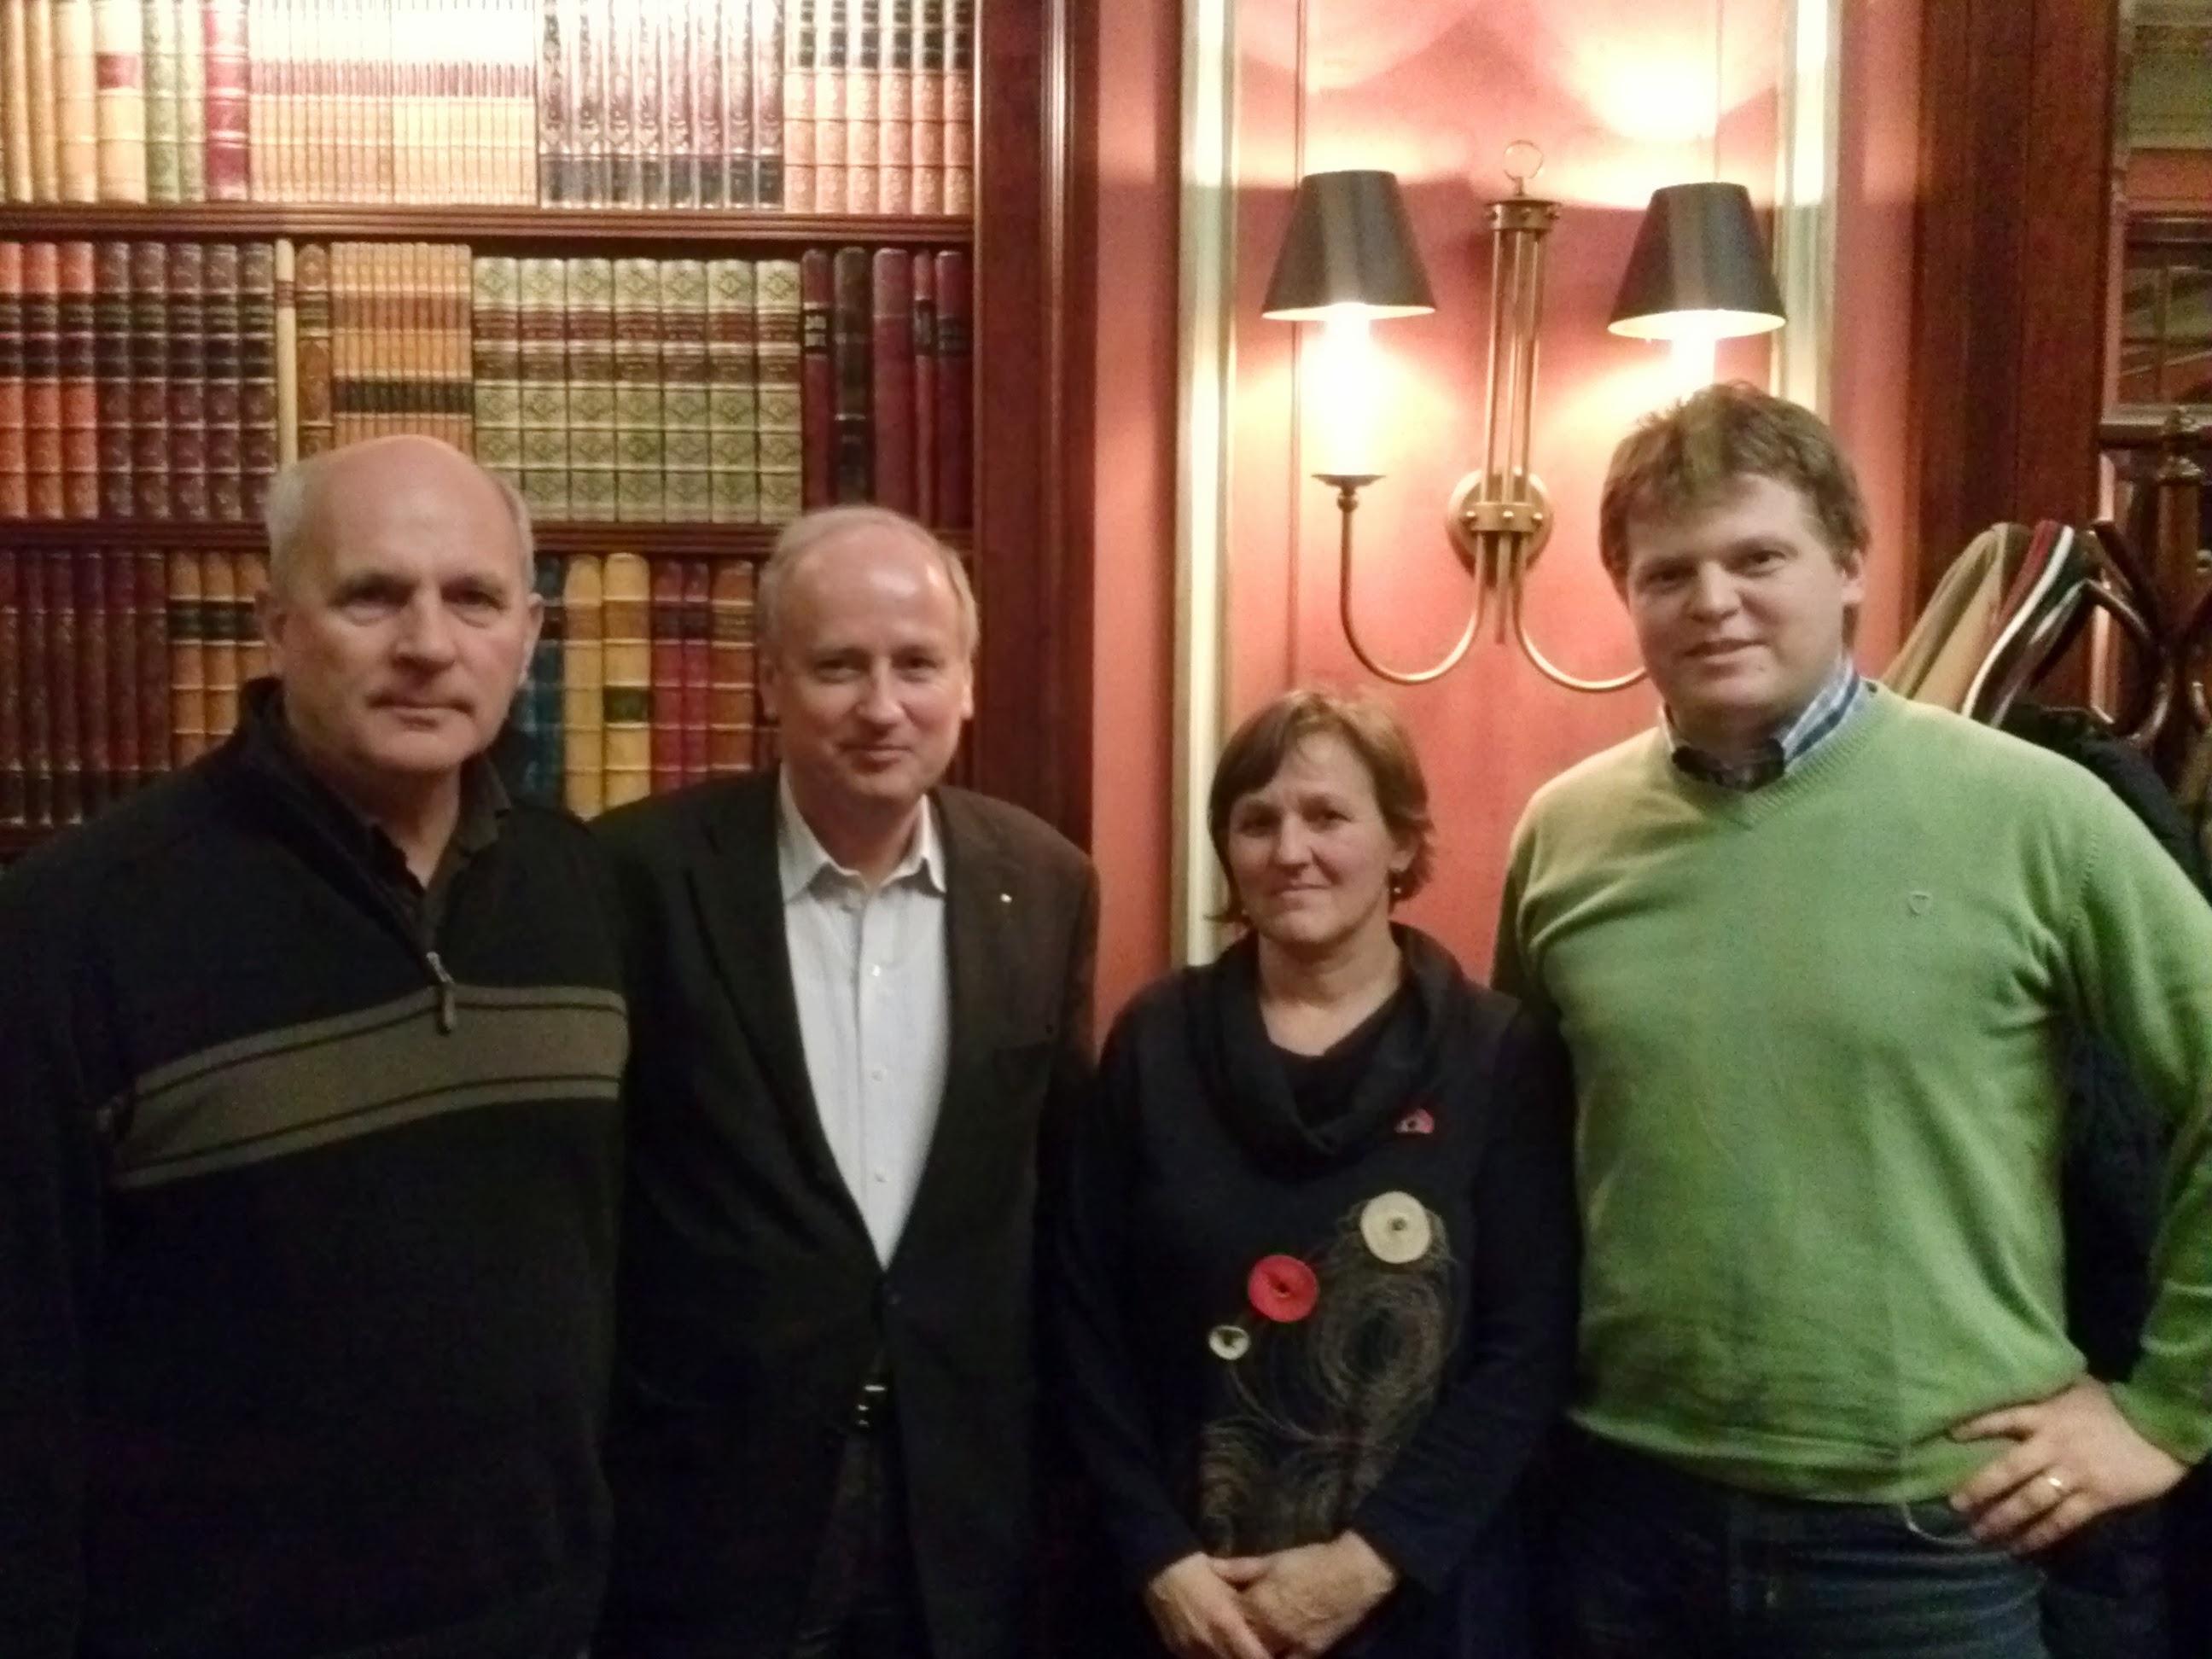 Stretnutie s Adalbert Stiftung (29. januára 2013)